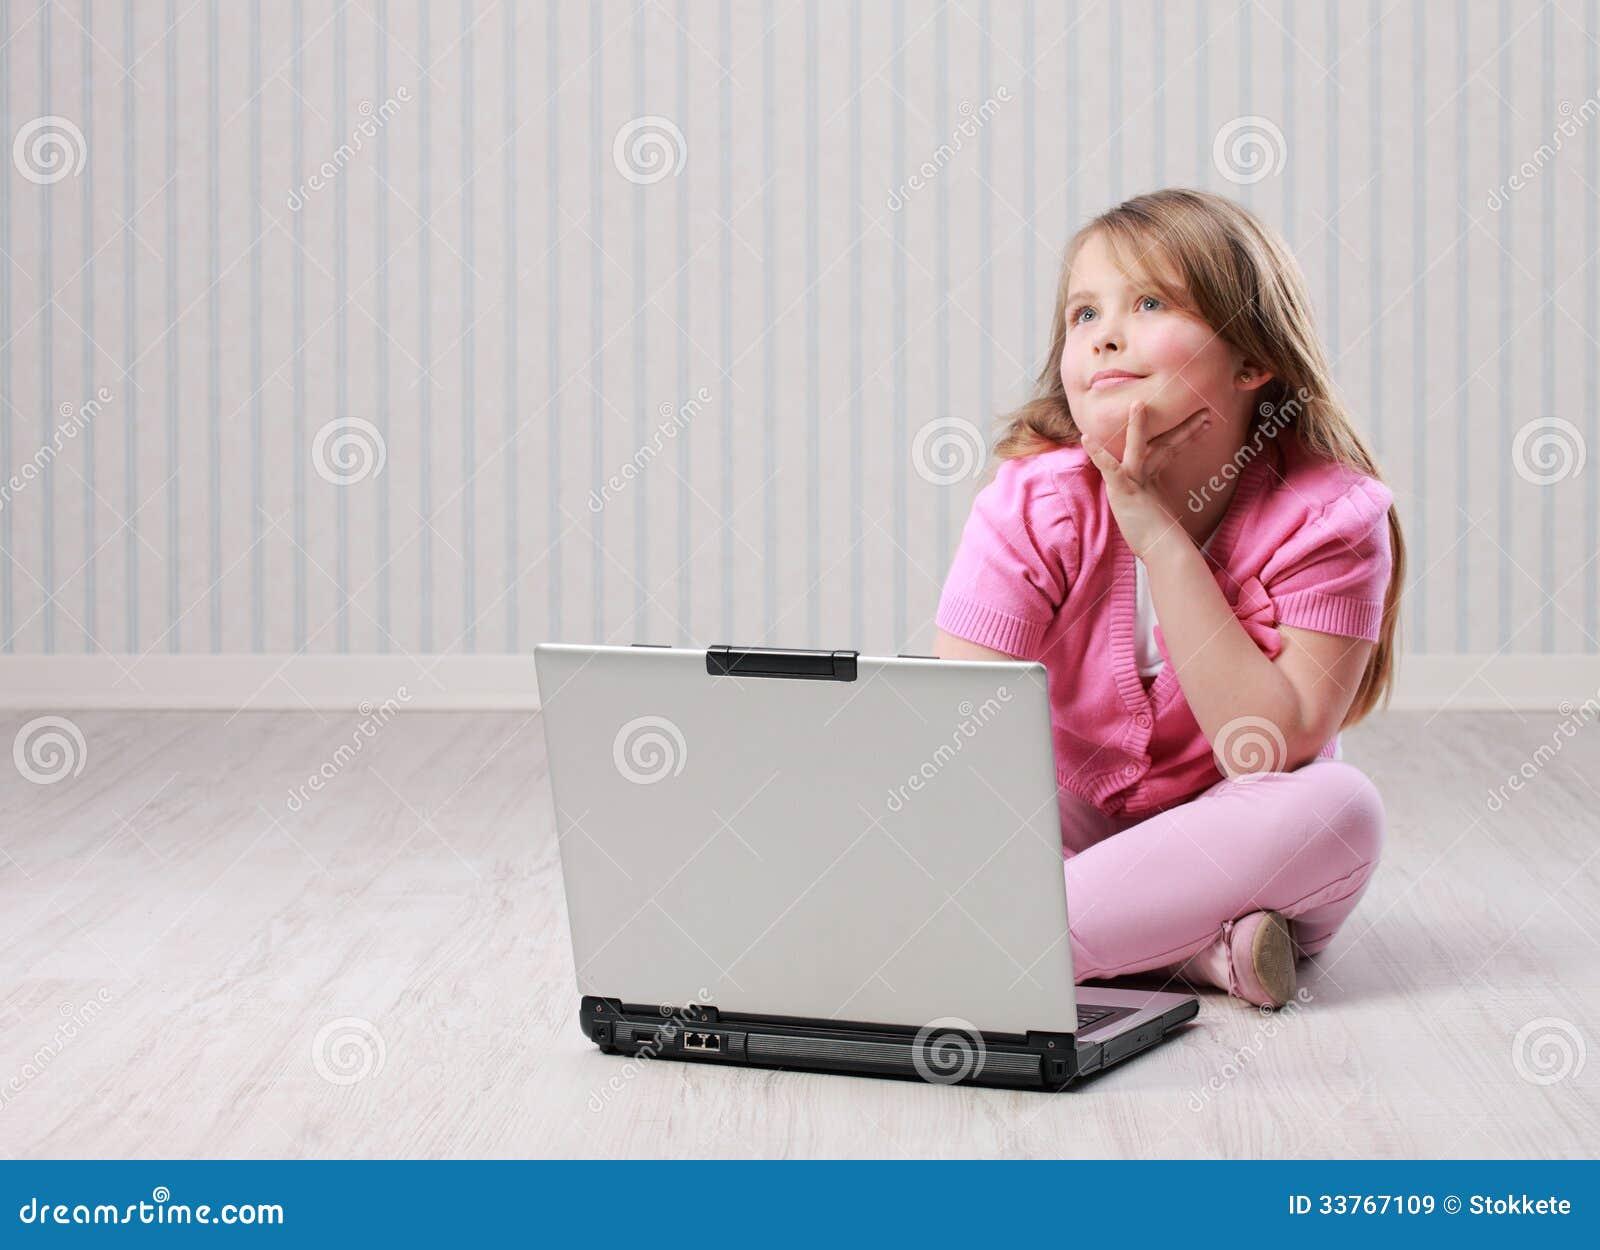 Petite fille mignonne avec l ordinateur portable